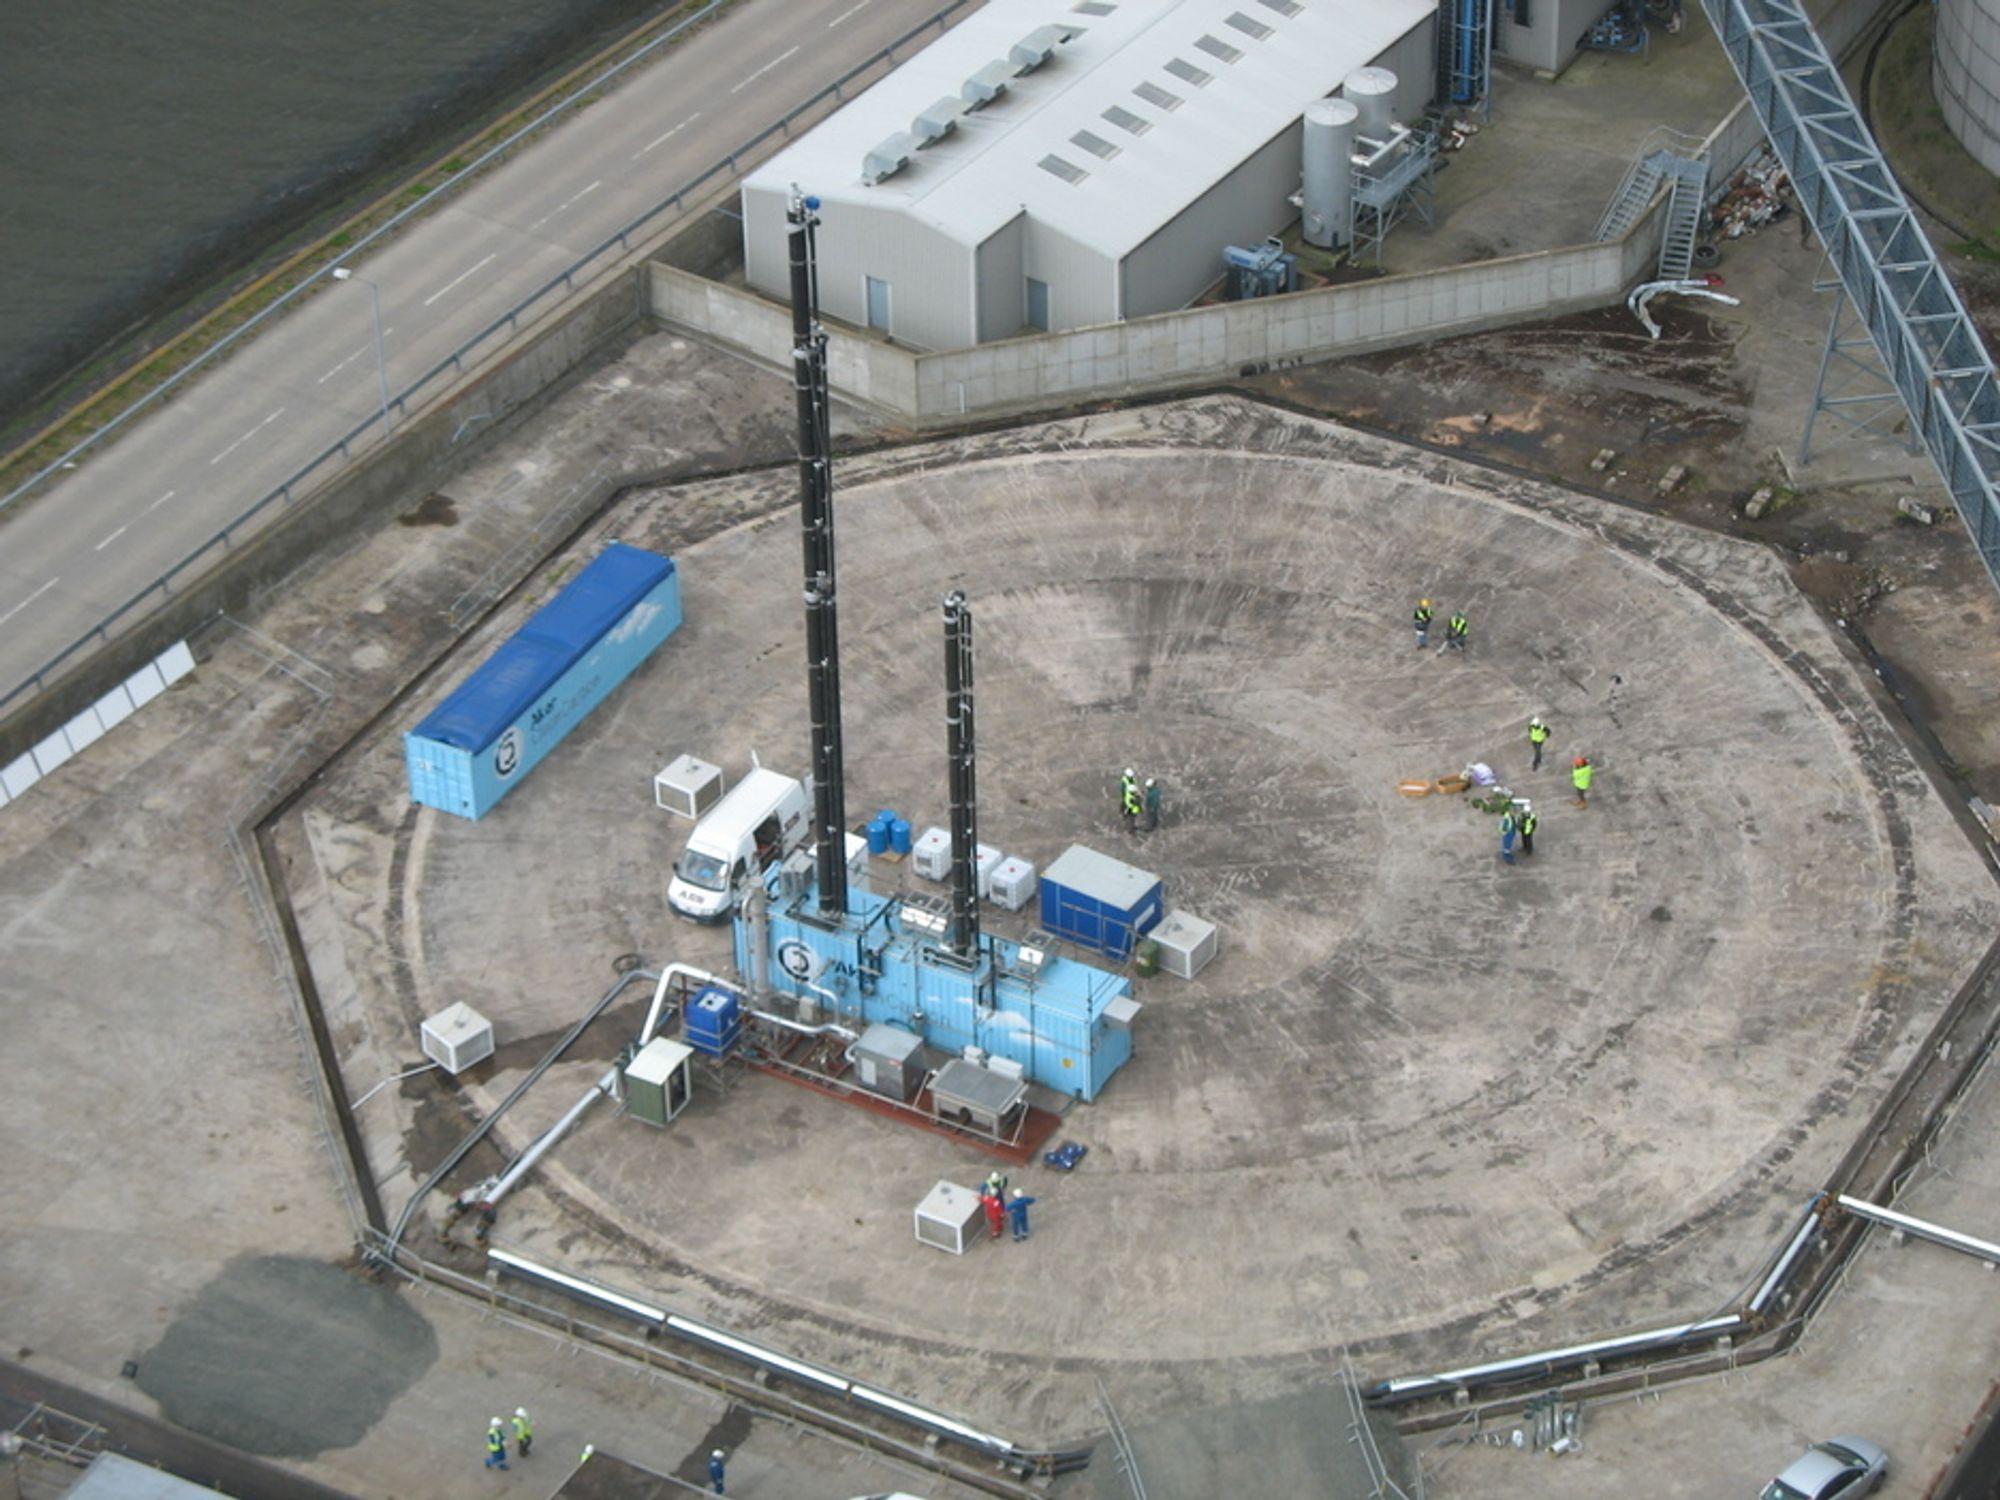 STYRKE: EU vil beholde førerposisjonen når det gjelder klimavennlig teknologi vede å gi støtte til blant annet åtte prosjekter med fangst og lagring av CO2. ILLUSTRASJONSFOTO av Aker Clean Carbons mobile testenhet for CO2-fangst.